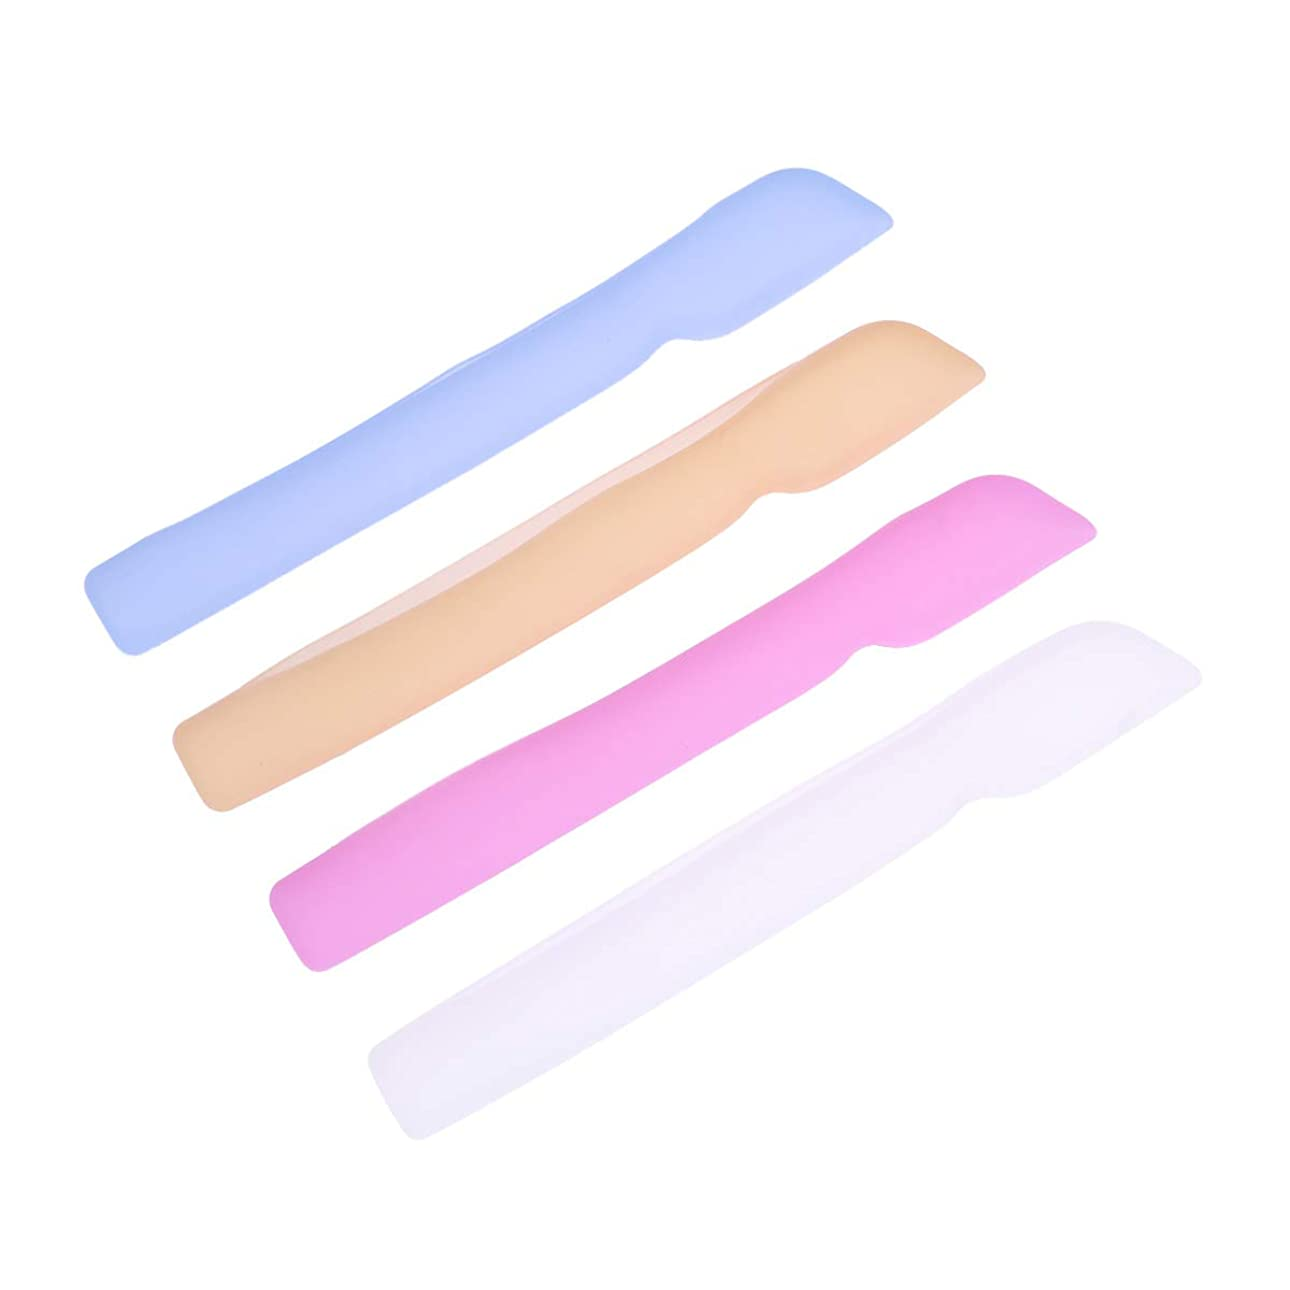 無限連続的整理するHEALLILYシリコン歯ブラシケースカバー歯ブラシ用保護カバー保護ケース用4本(ブルー+ピンク+ライトイエロー+ホワイト)